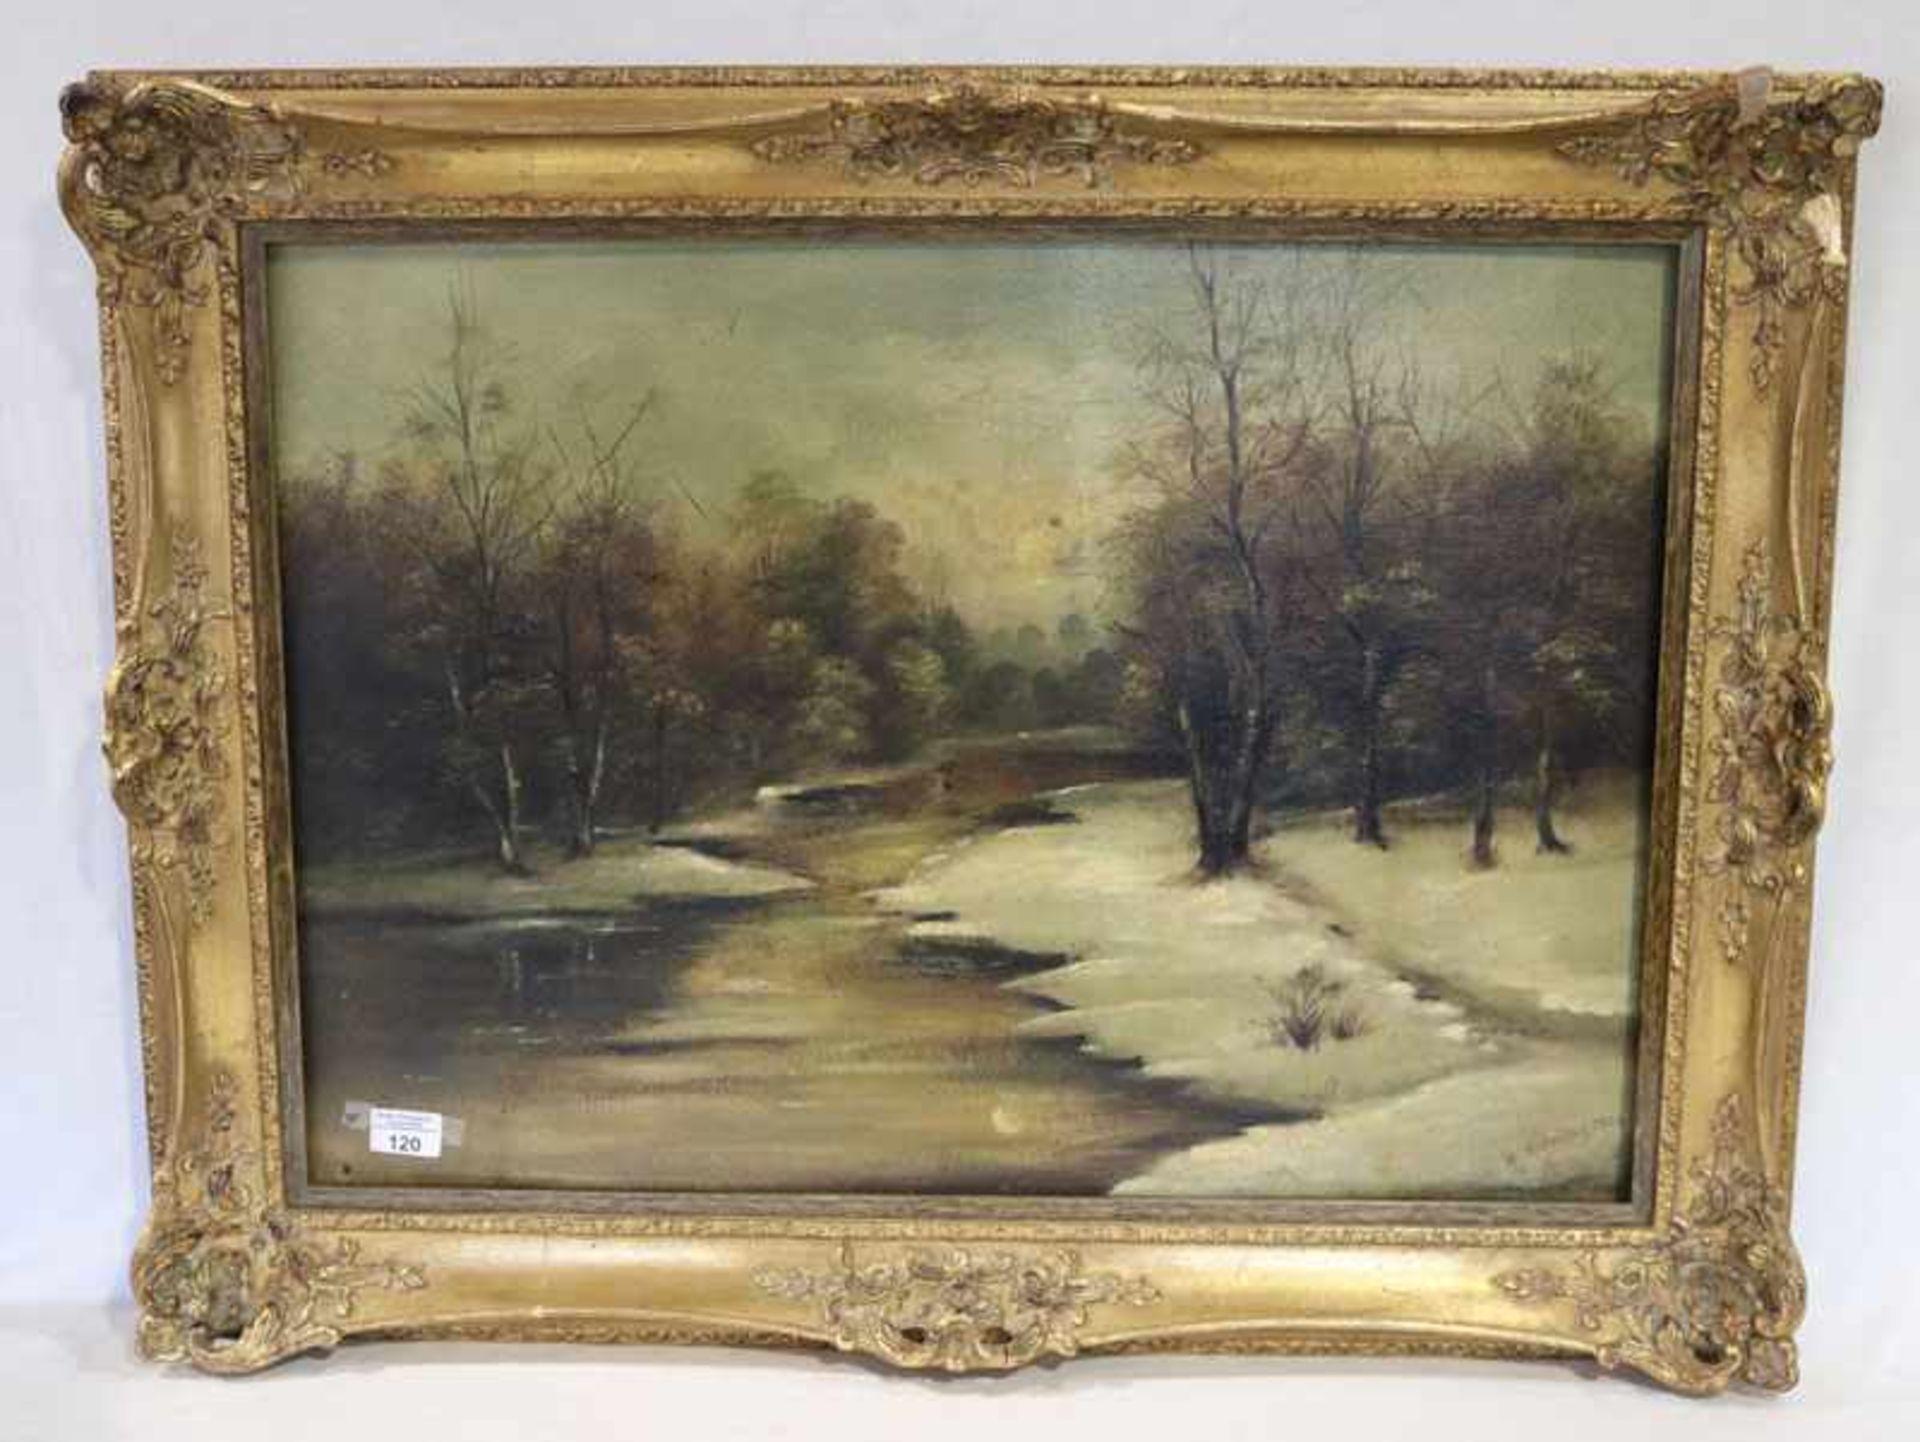 Gemälde ÖL/Hartfaser 'Bachlauf im Winter', signiert W. Herrling, 1929, gerahmt, Rahmen stark